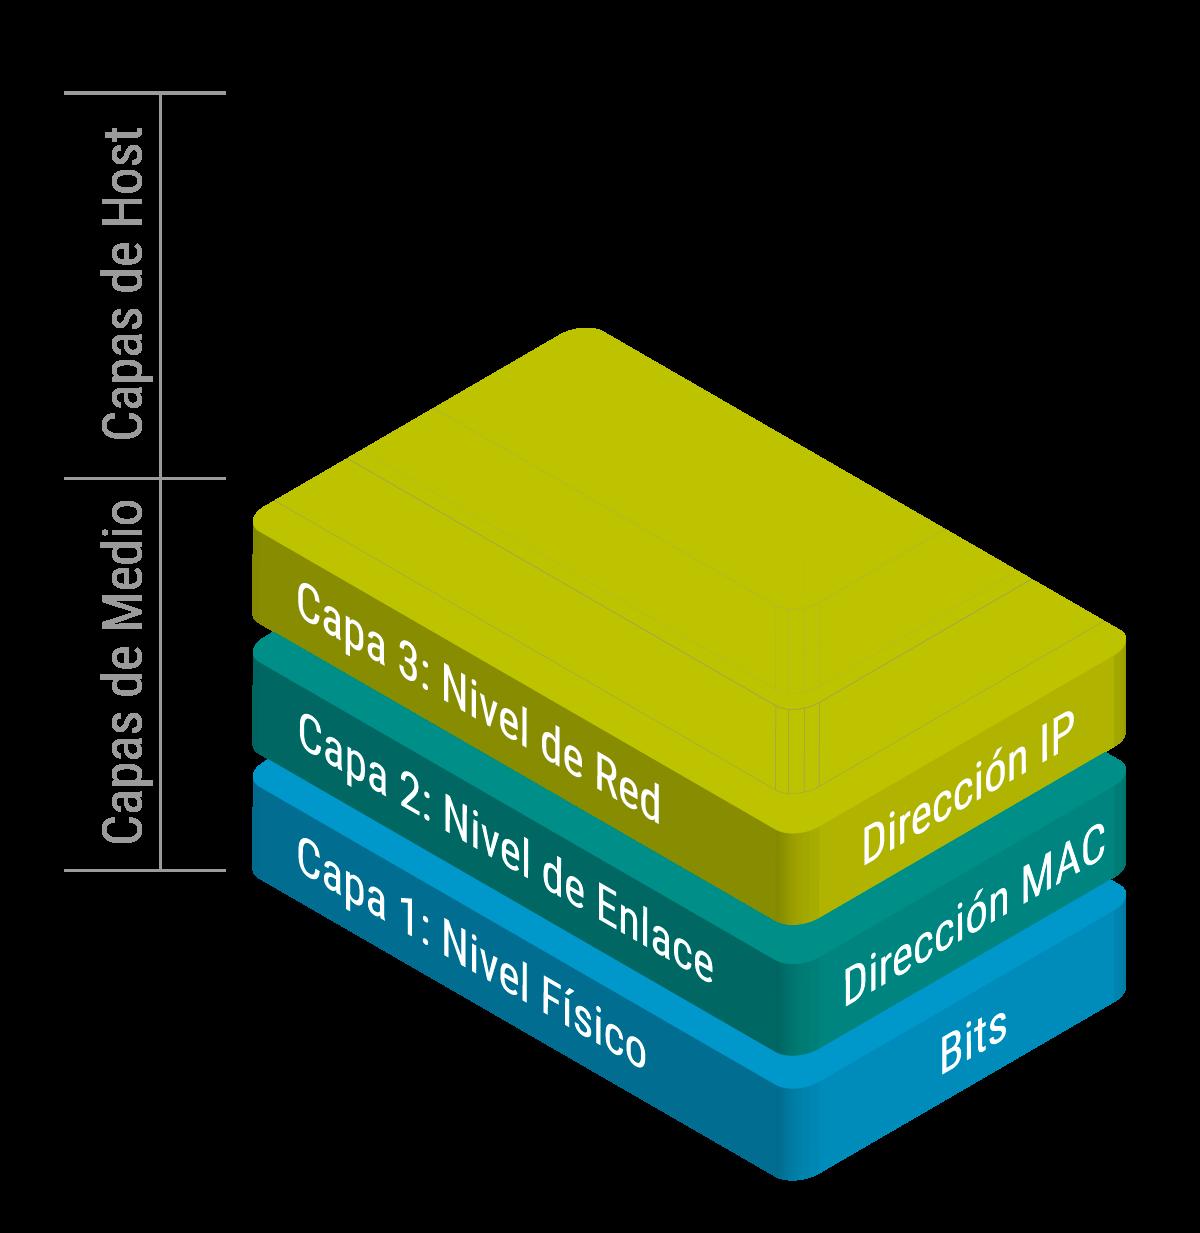 Capas de acceso al medio modelo OSI